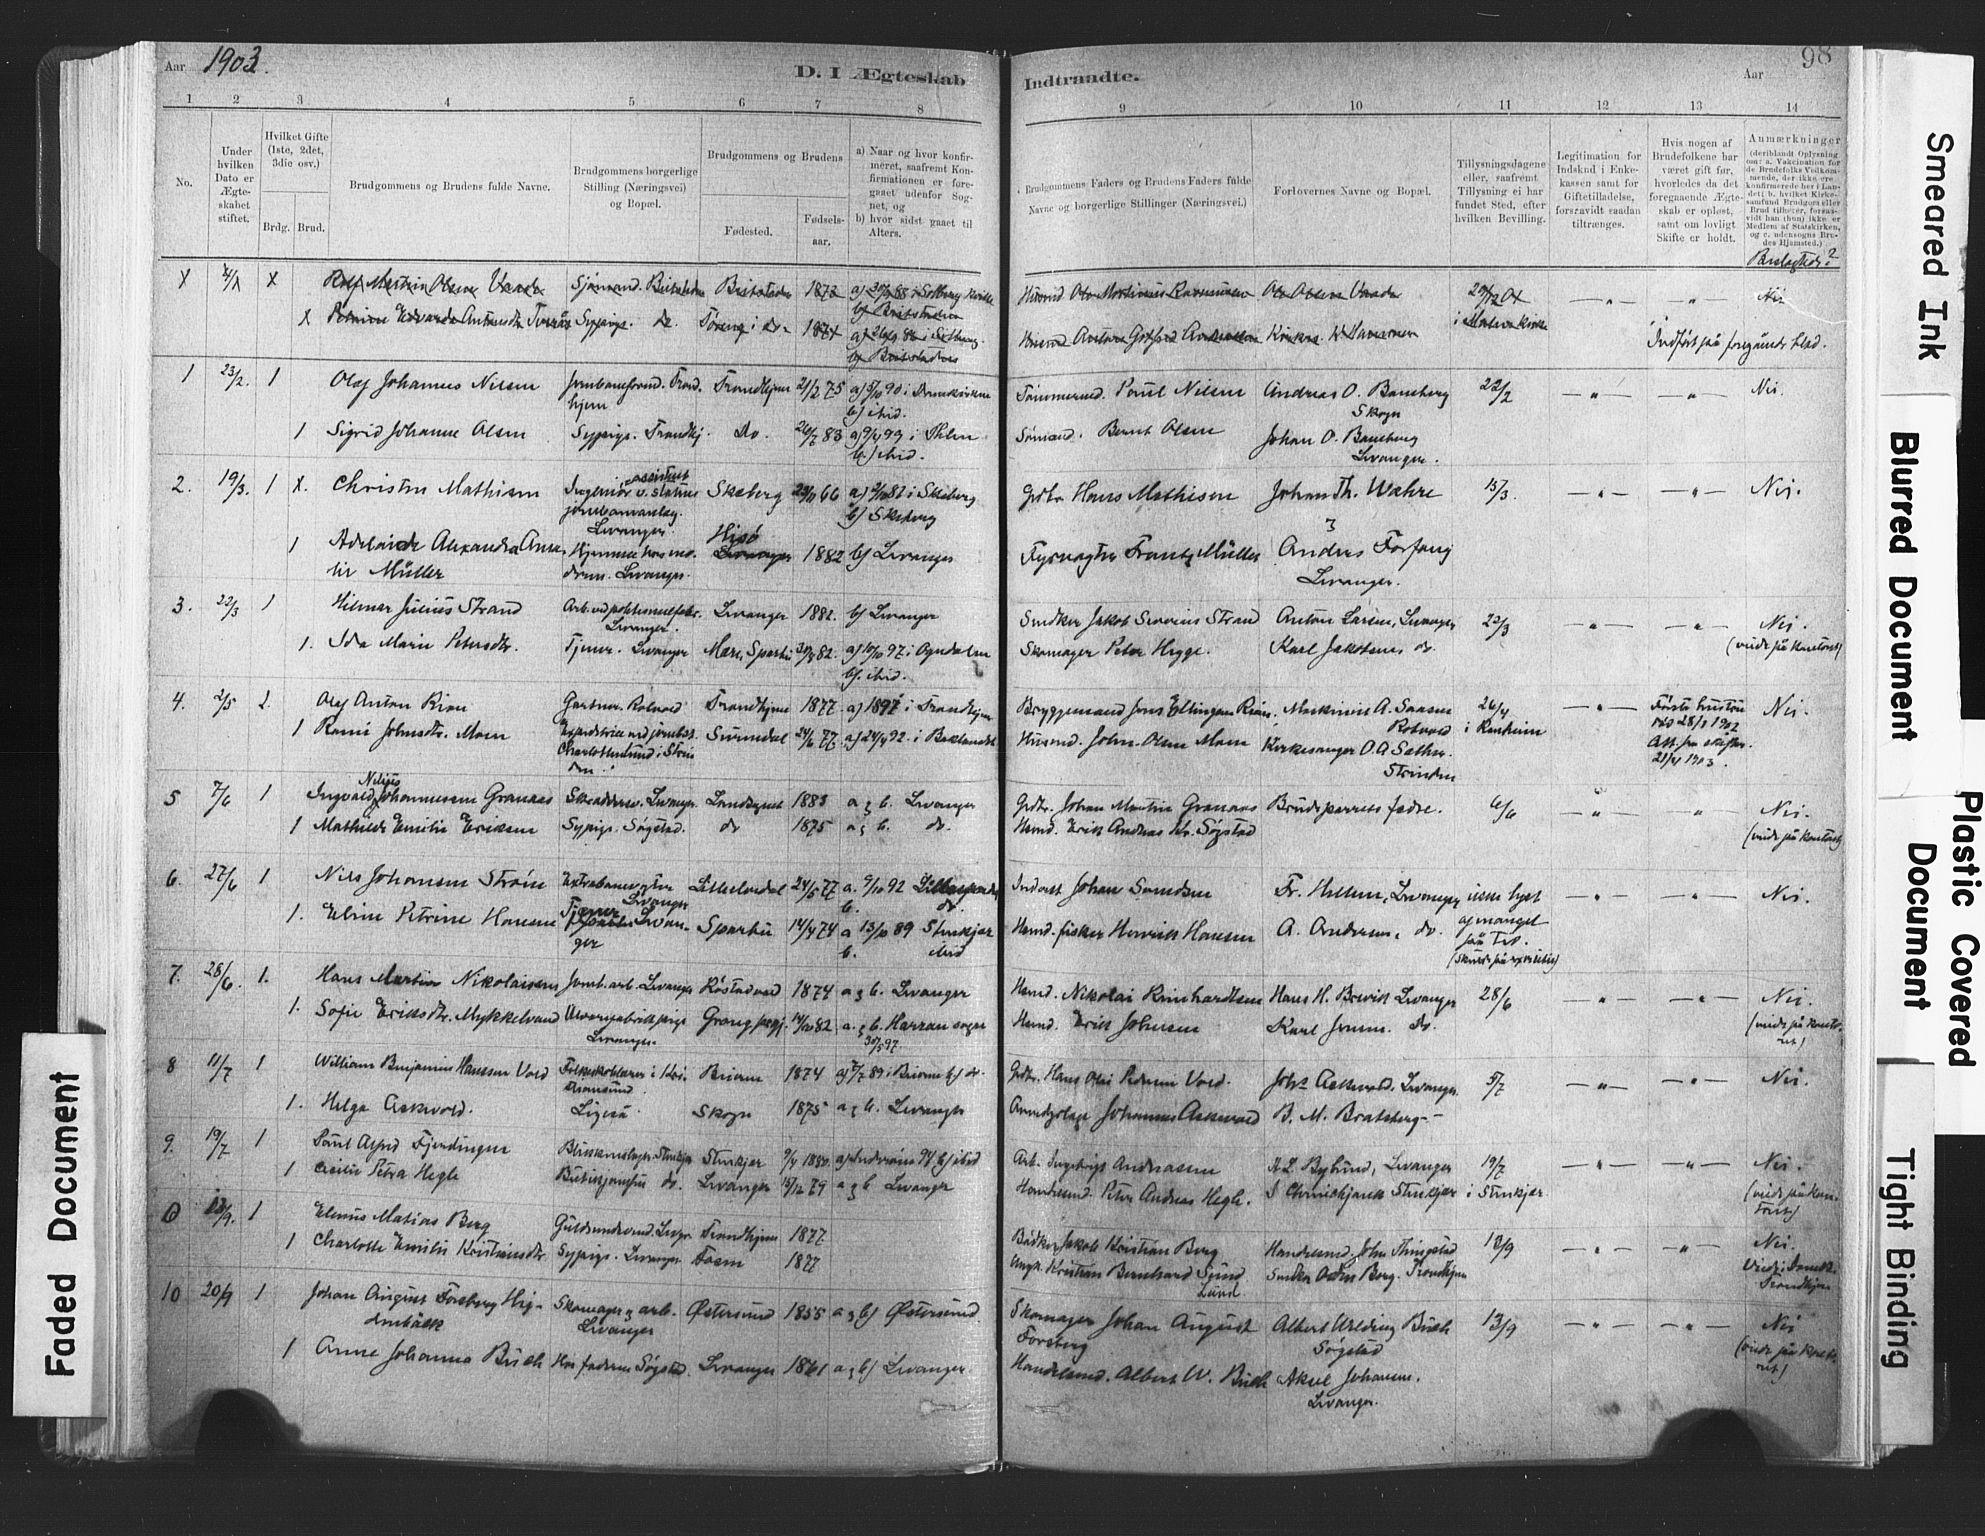 SAT, Ministerialprotokoller, klokkerbøker og fødselsregistre - Nord-Trøndelag, 720/L0189: Ministerialbok nr. 720A05, 1880-1911, s. 98